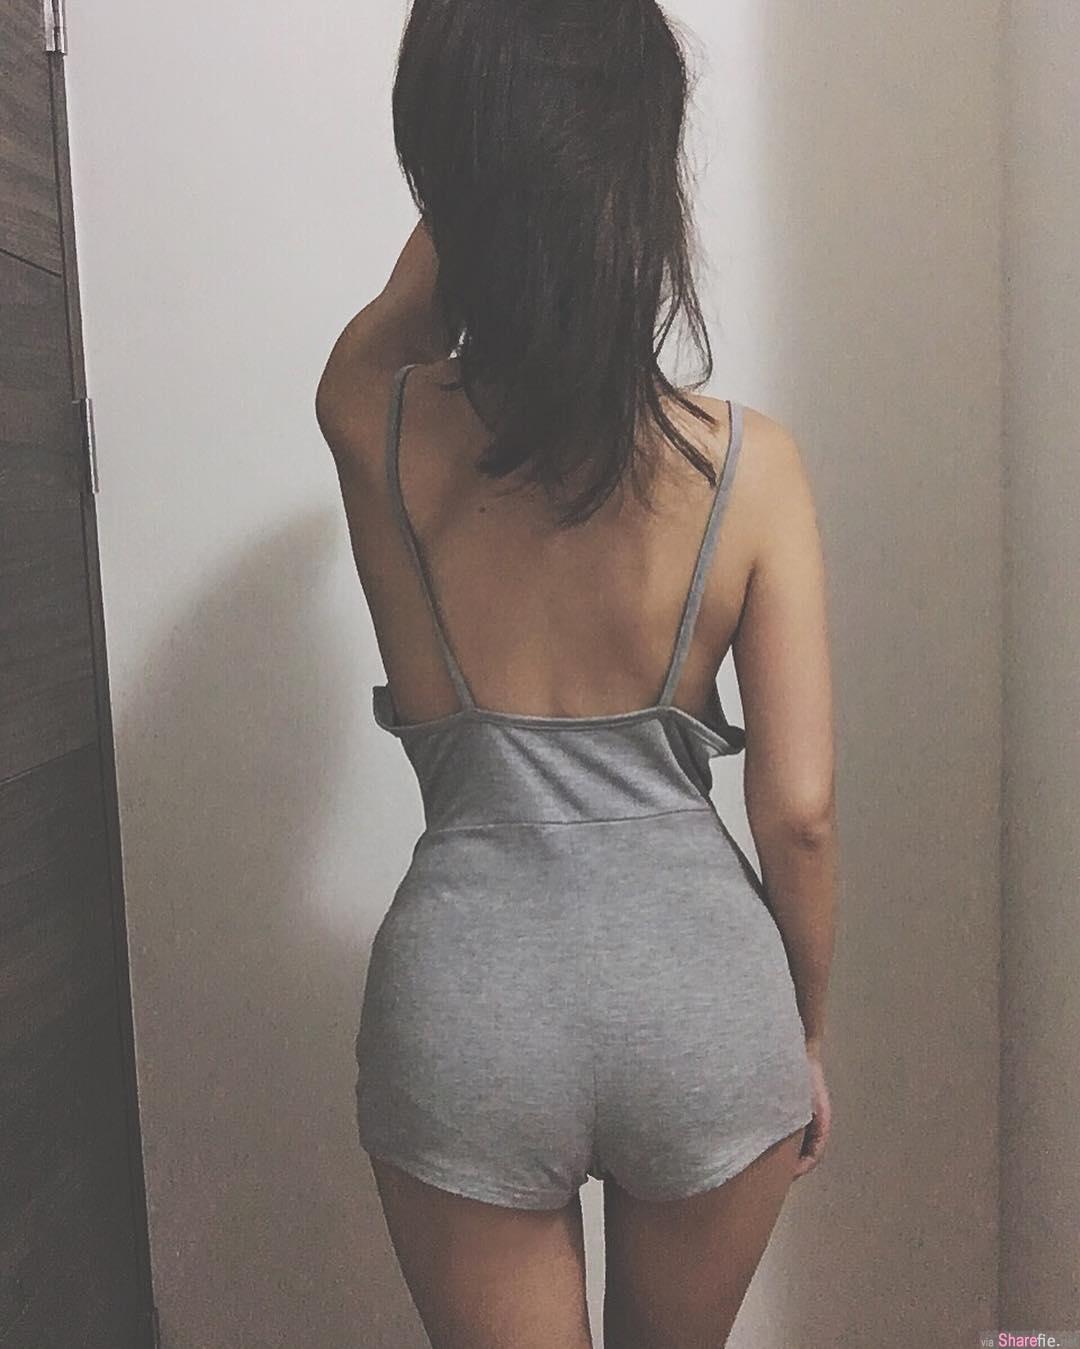 身材很正的IG姐姐,细腰修长美腿让人想多看几眼